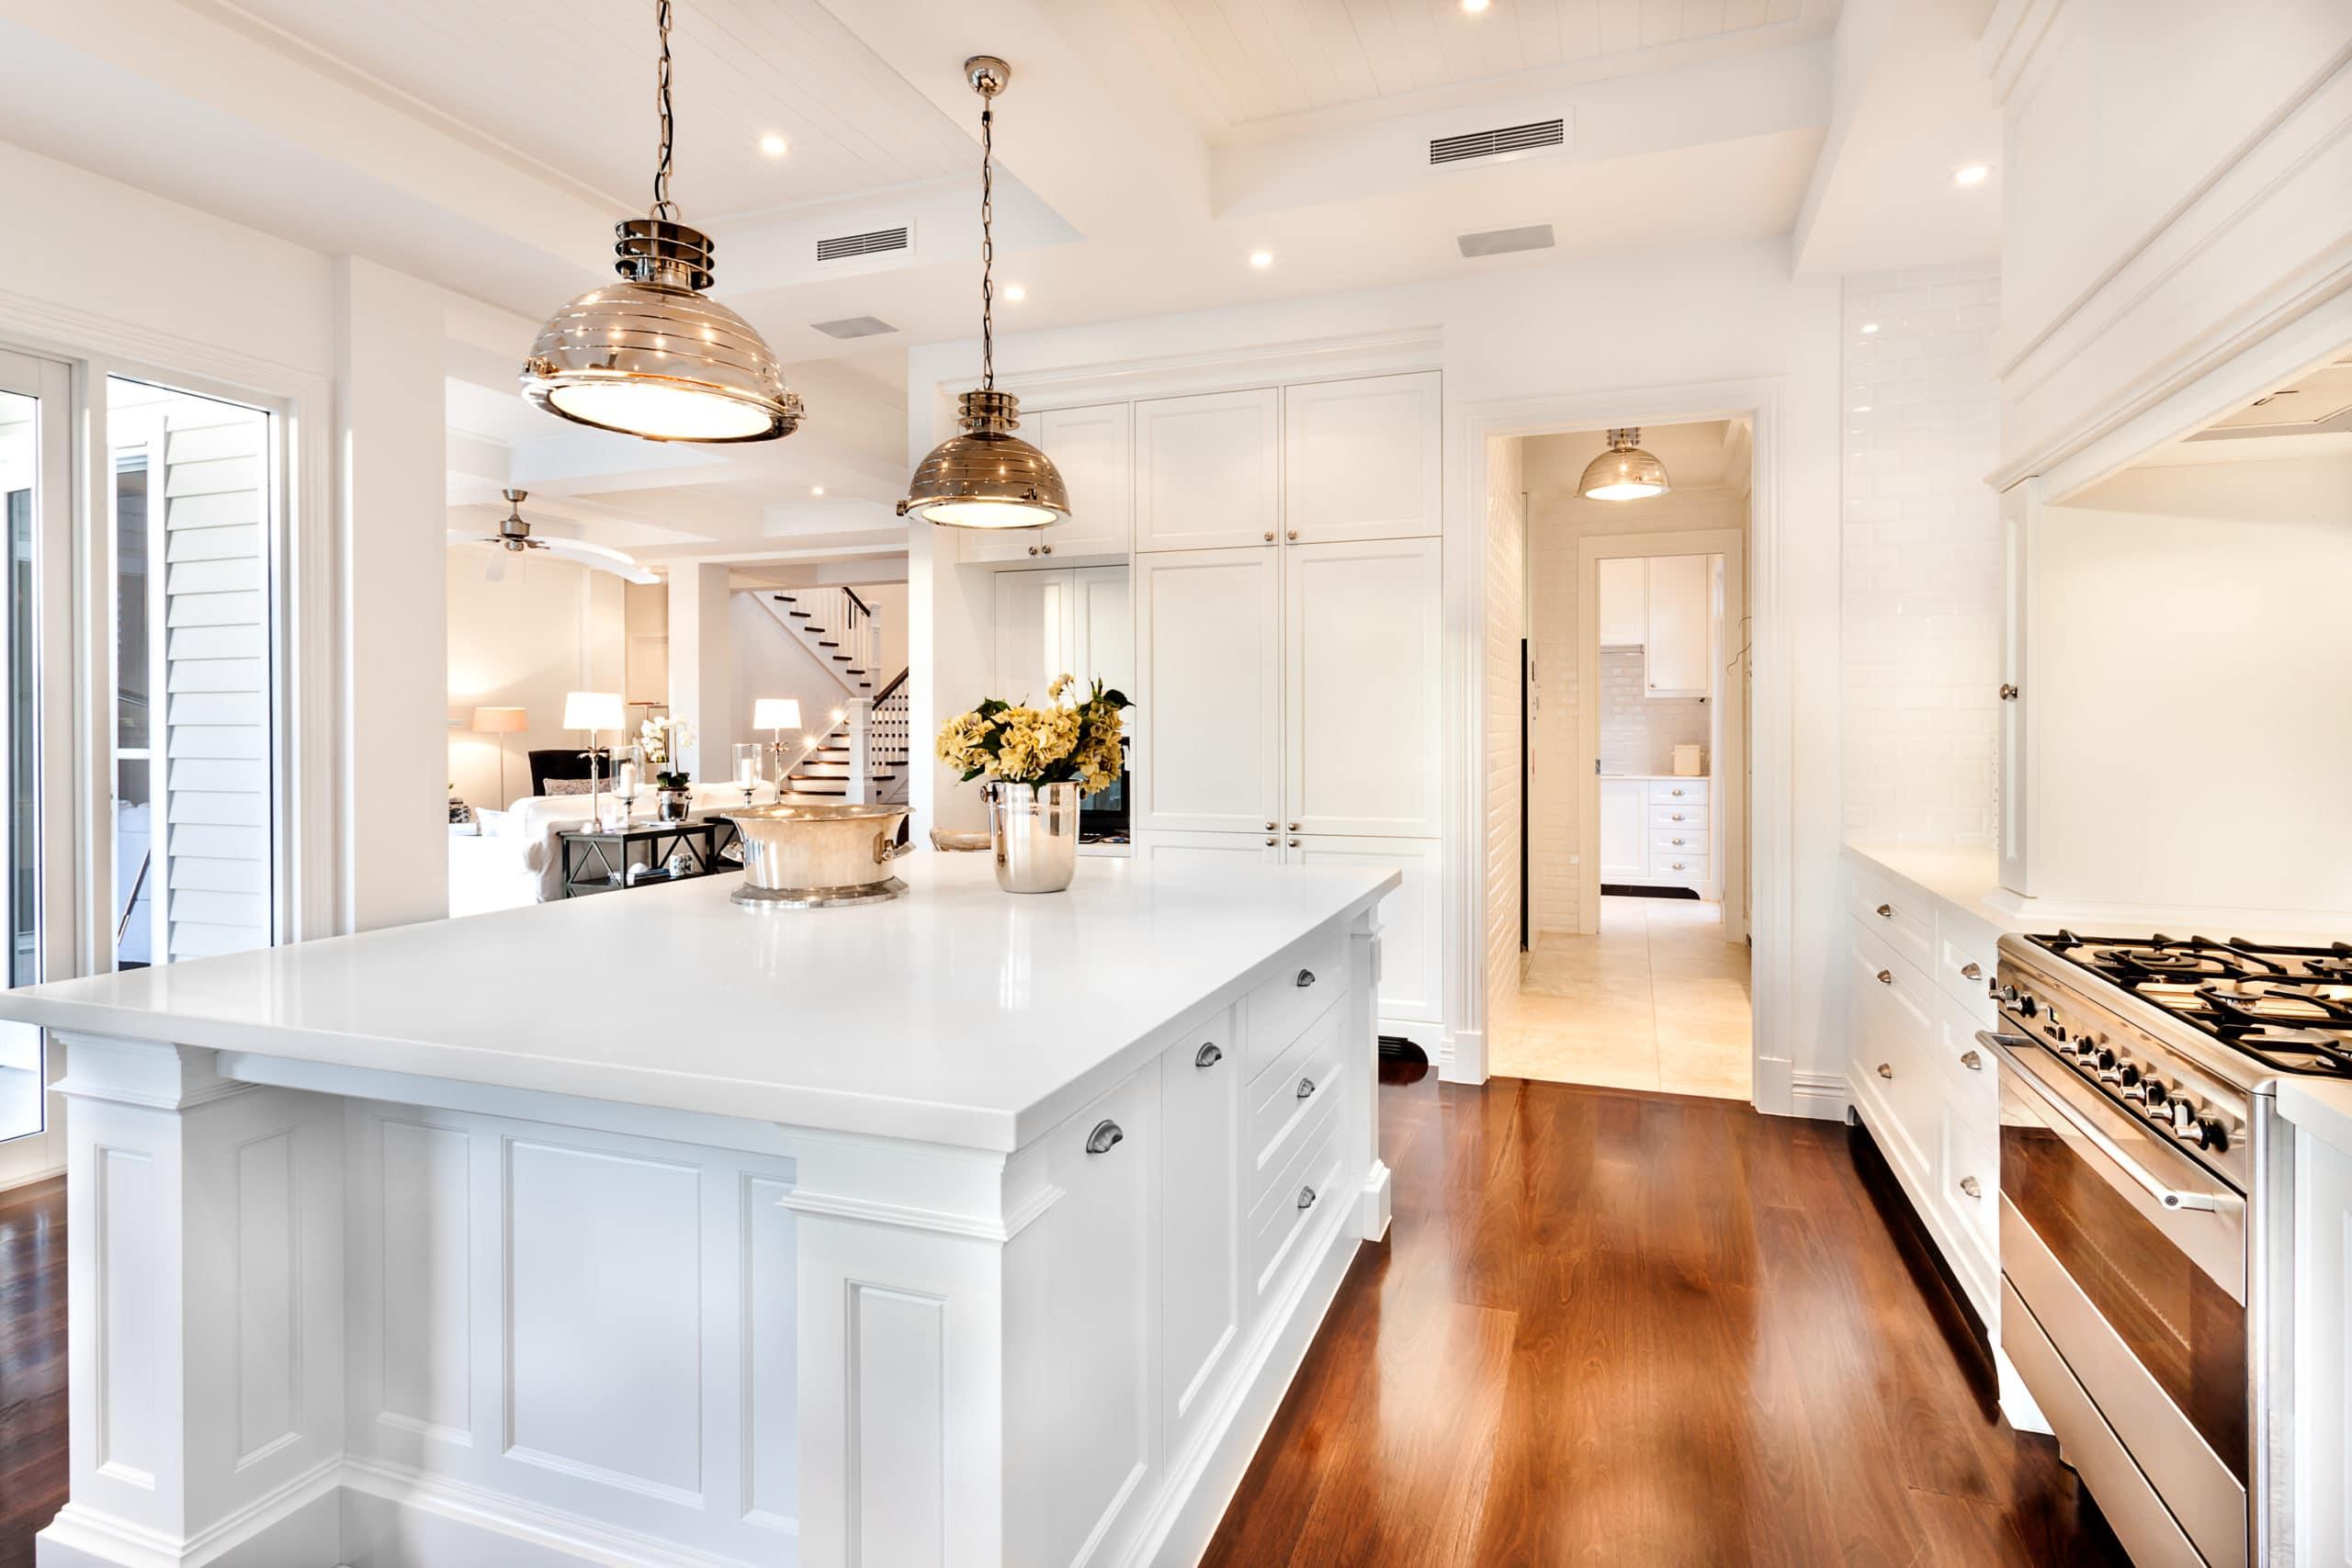 עיצוב מטבחים בהתאמהמבצעי התקנת המטבחים בעלי ניסיון רב עם מלא ידע בתחום שיודעים לבנות ולהתאים מטבחים תוך כדי הפעלת המקרר והתנור ללקוח במטבח שלו